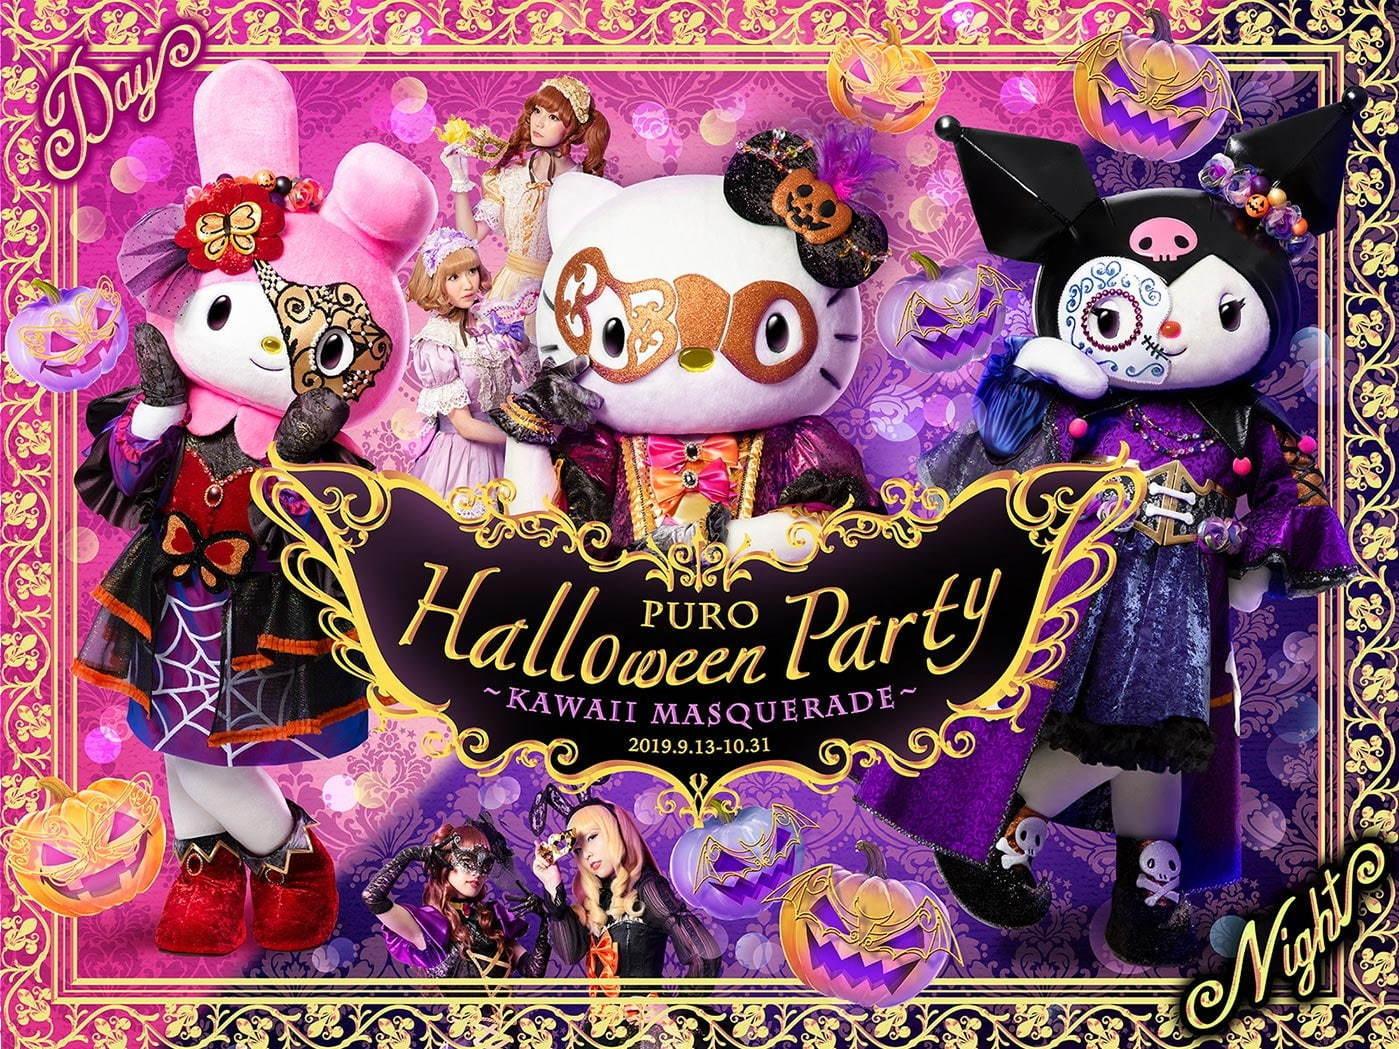 """サンリオピューロランドのハロウィンイベント2019は""""仮面""""がテーマ、仮面舞踏会パレードや限定グッズ - 写真1"""